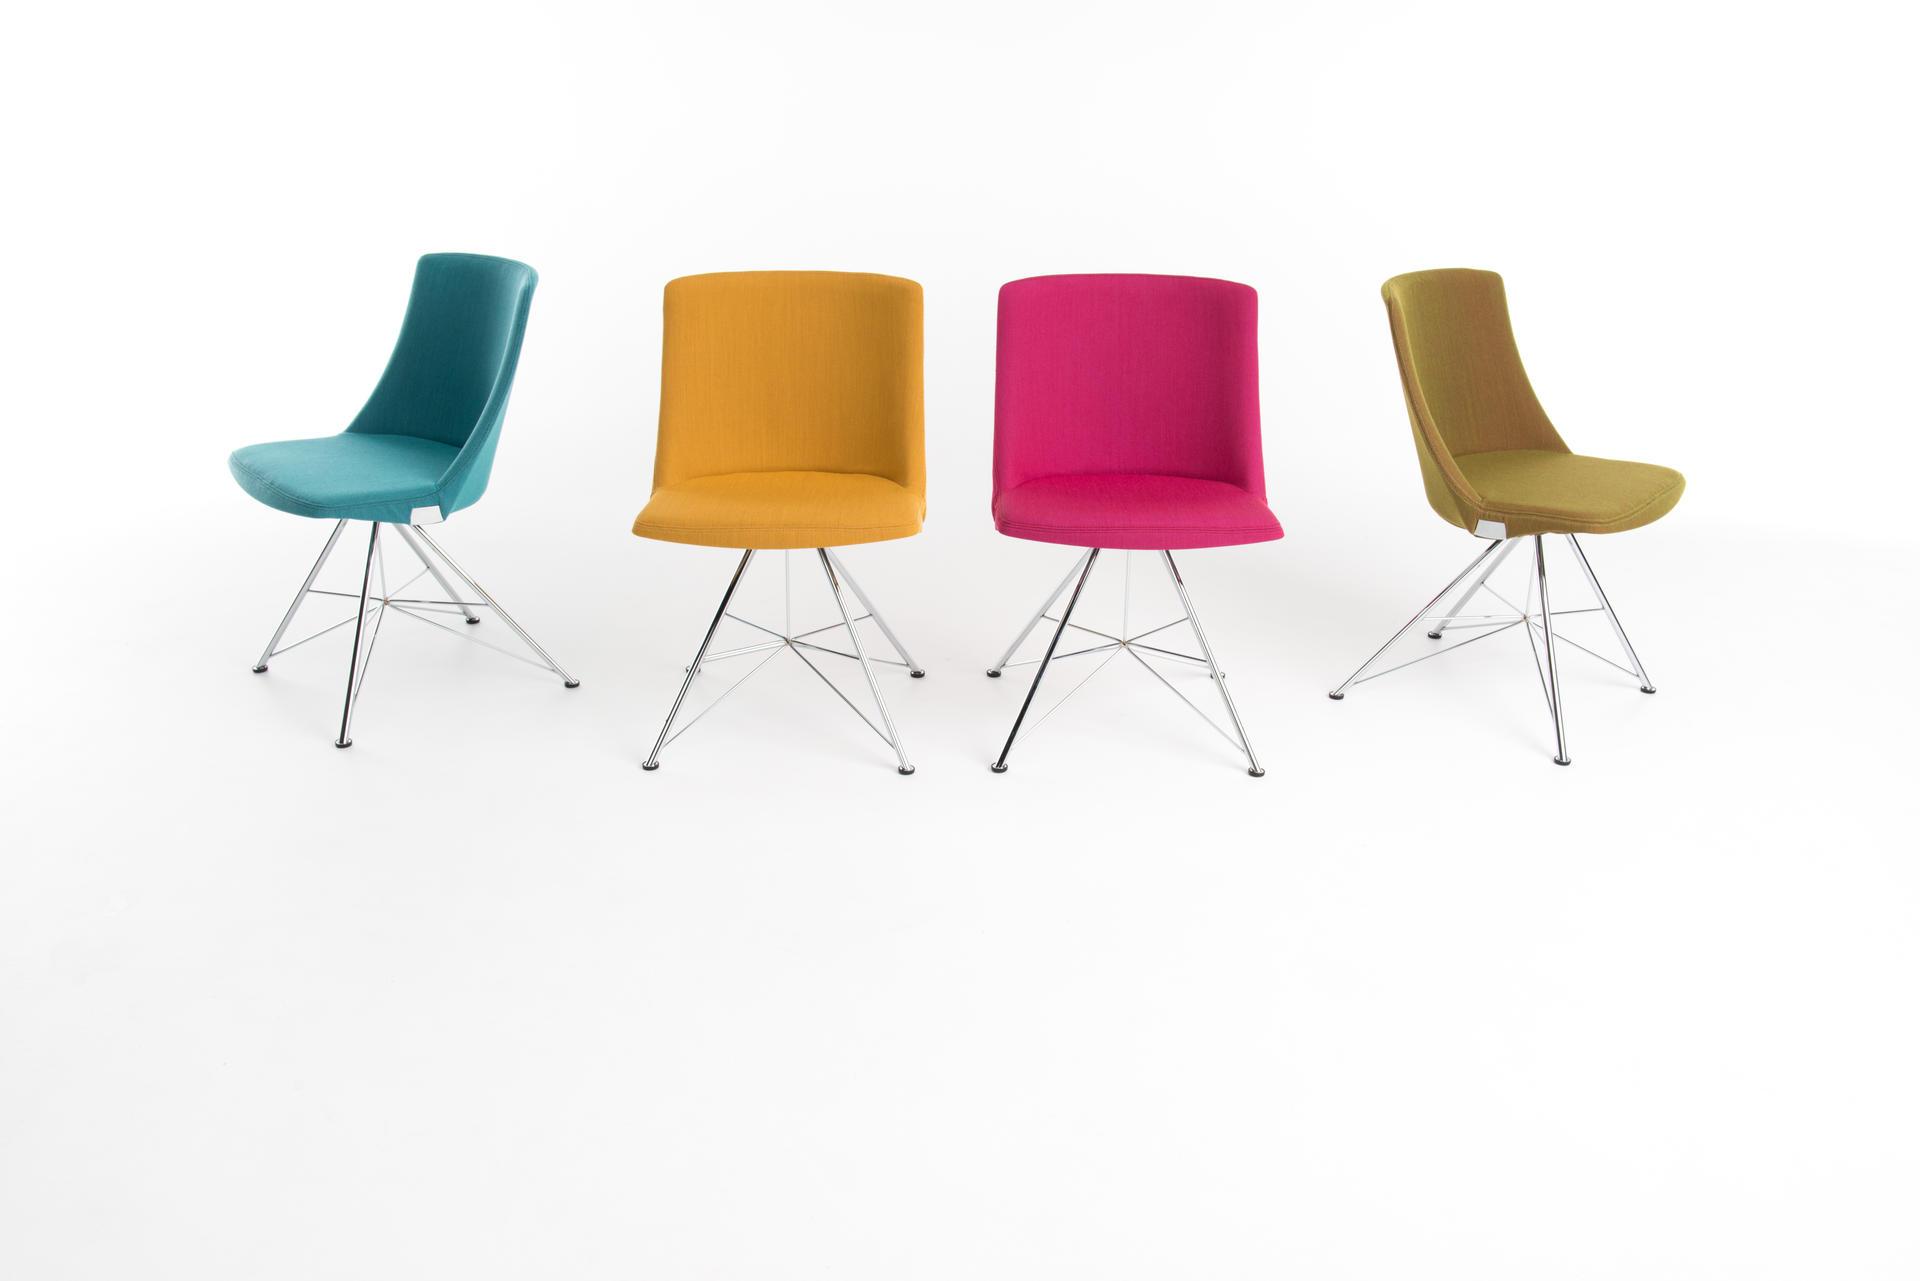 стул Rho, Bert Plantagie, фото 2